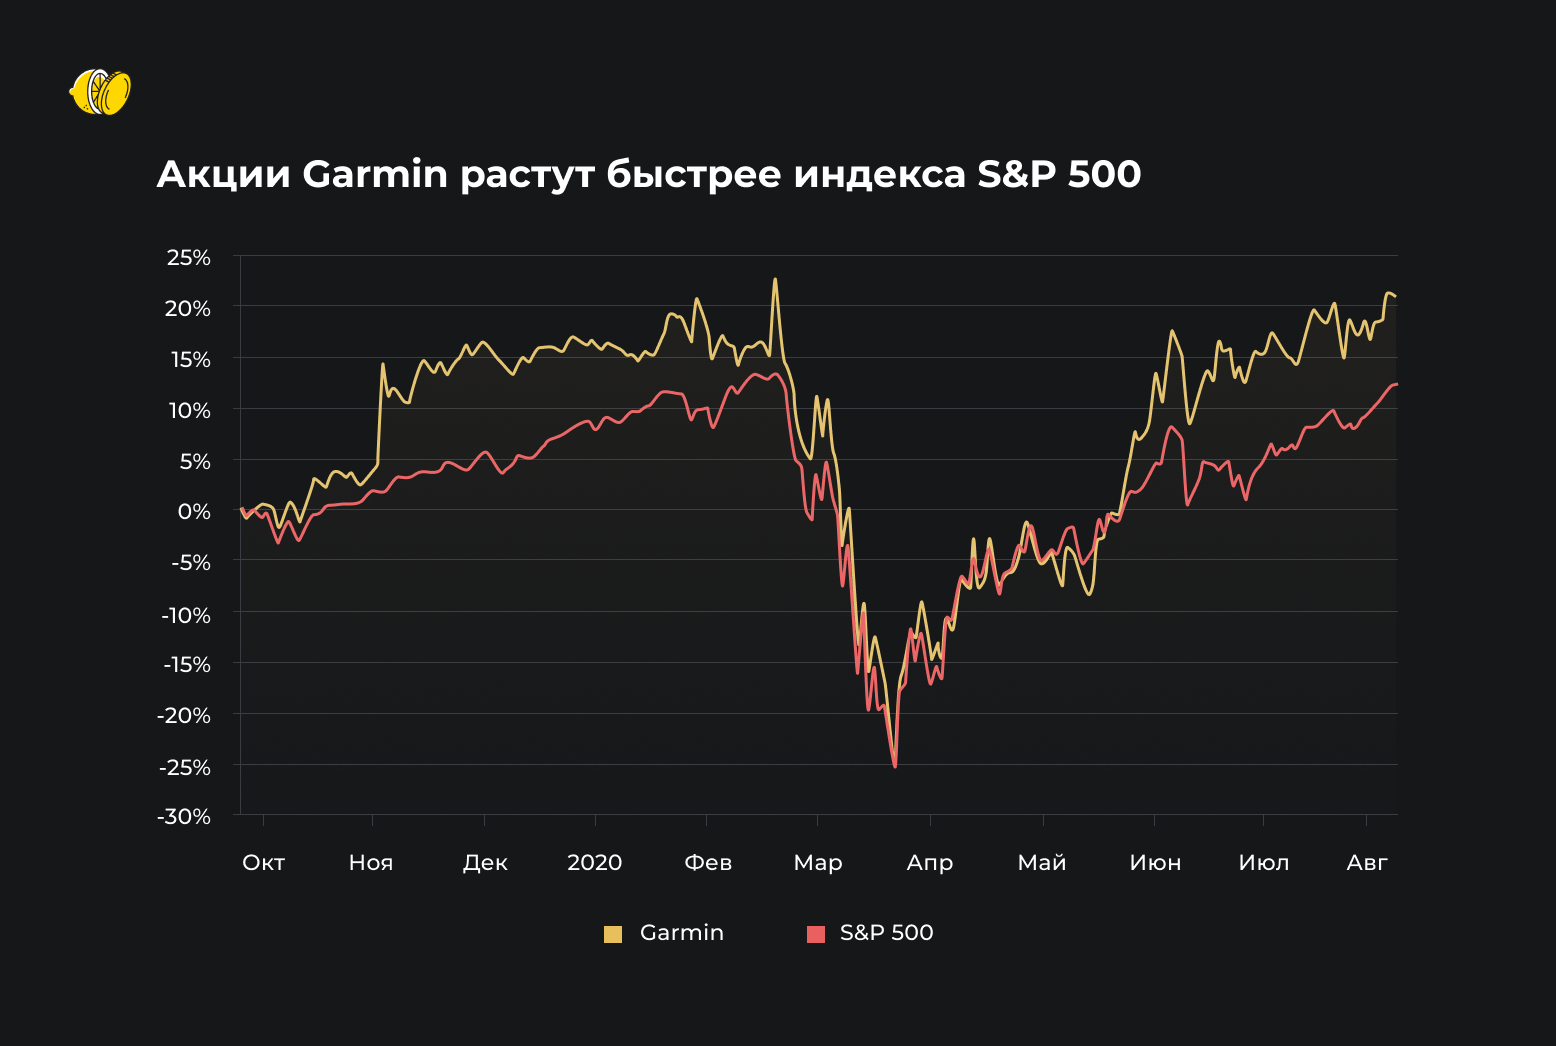 Почему акции Garmin могут вырасти в долгосроке?